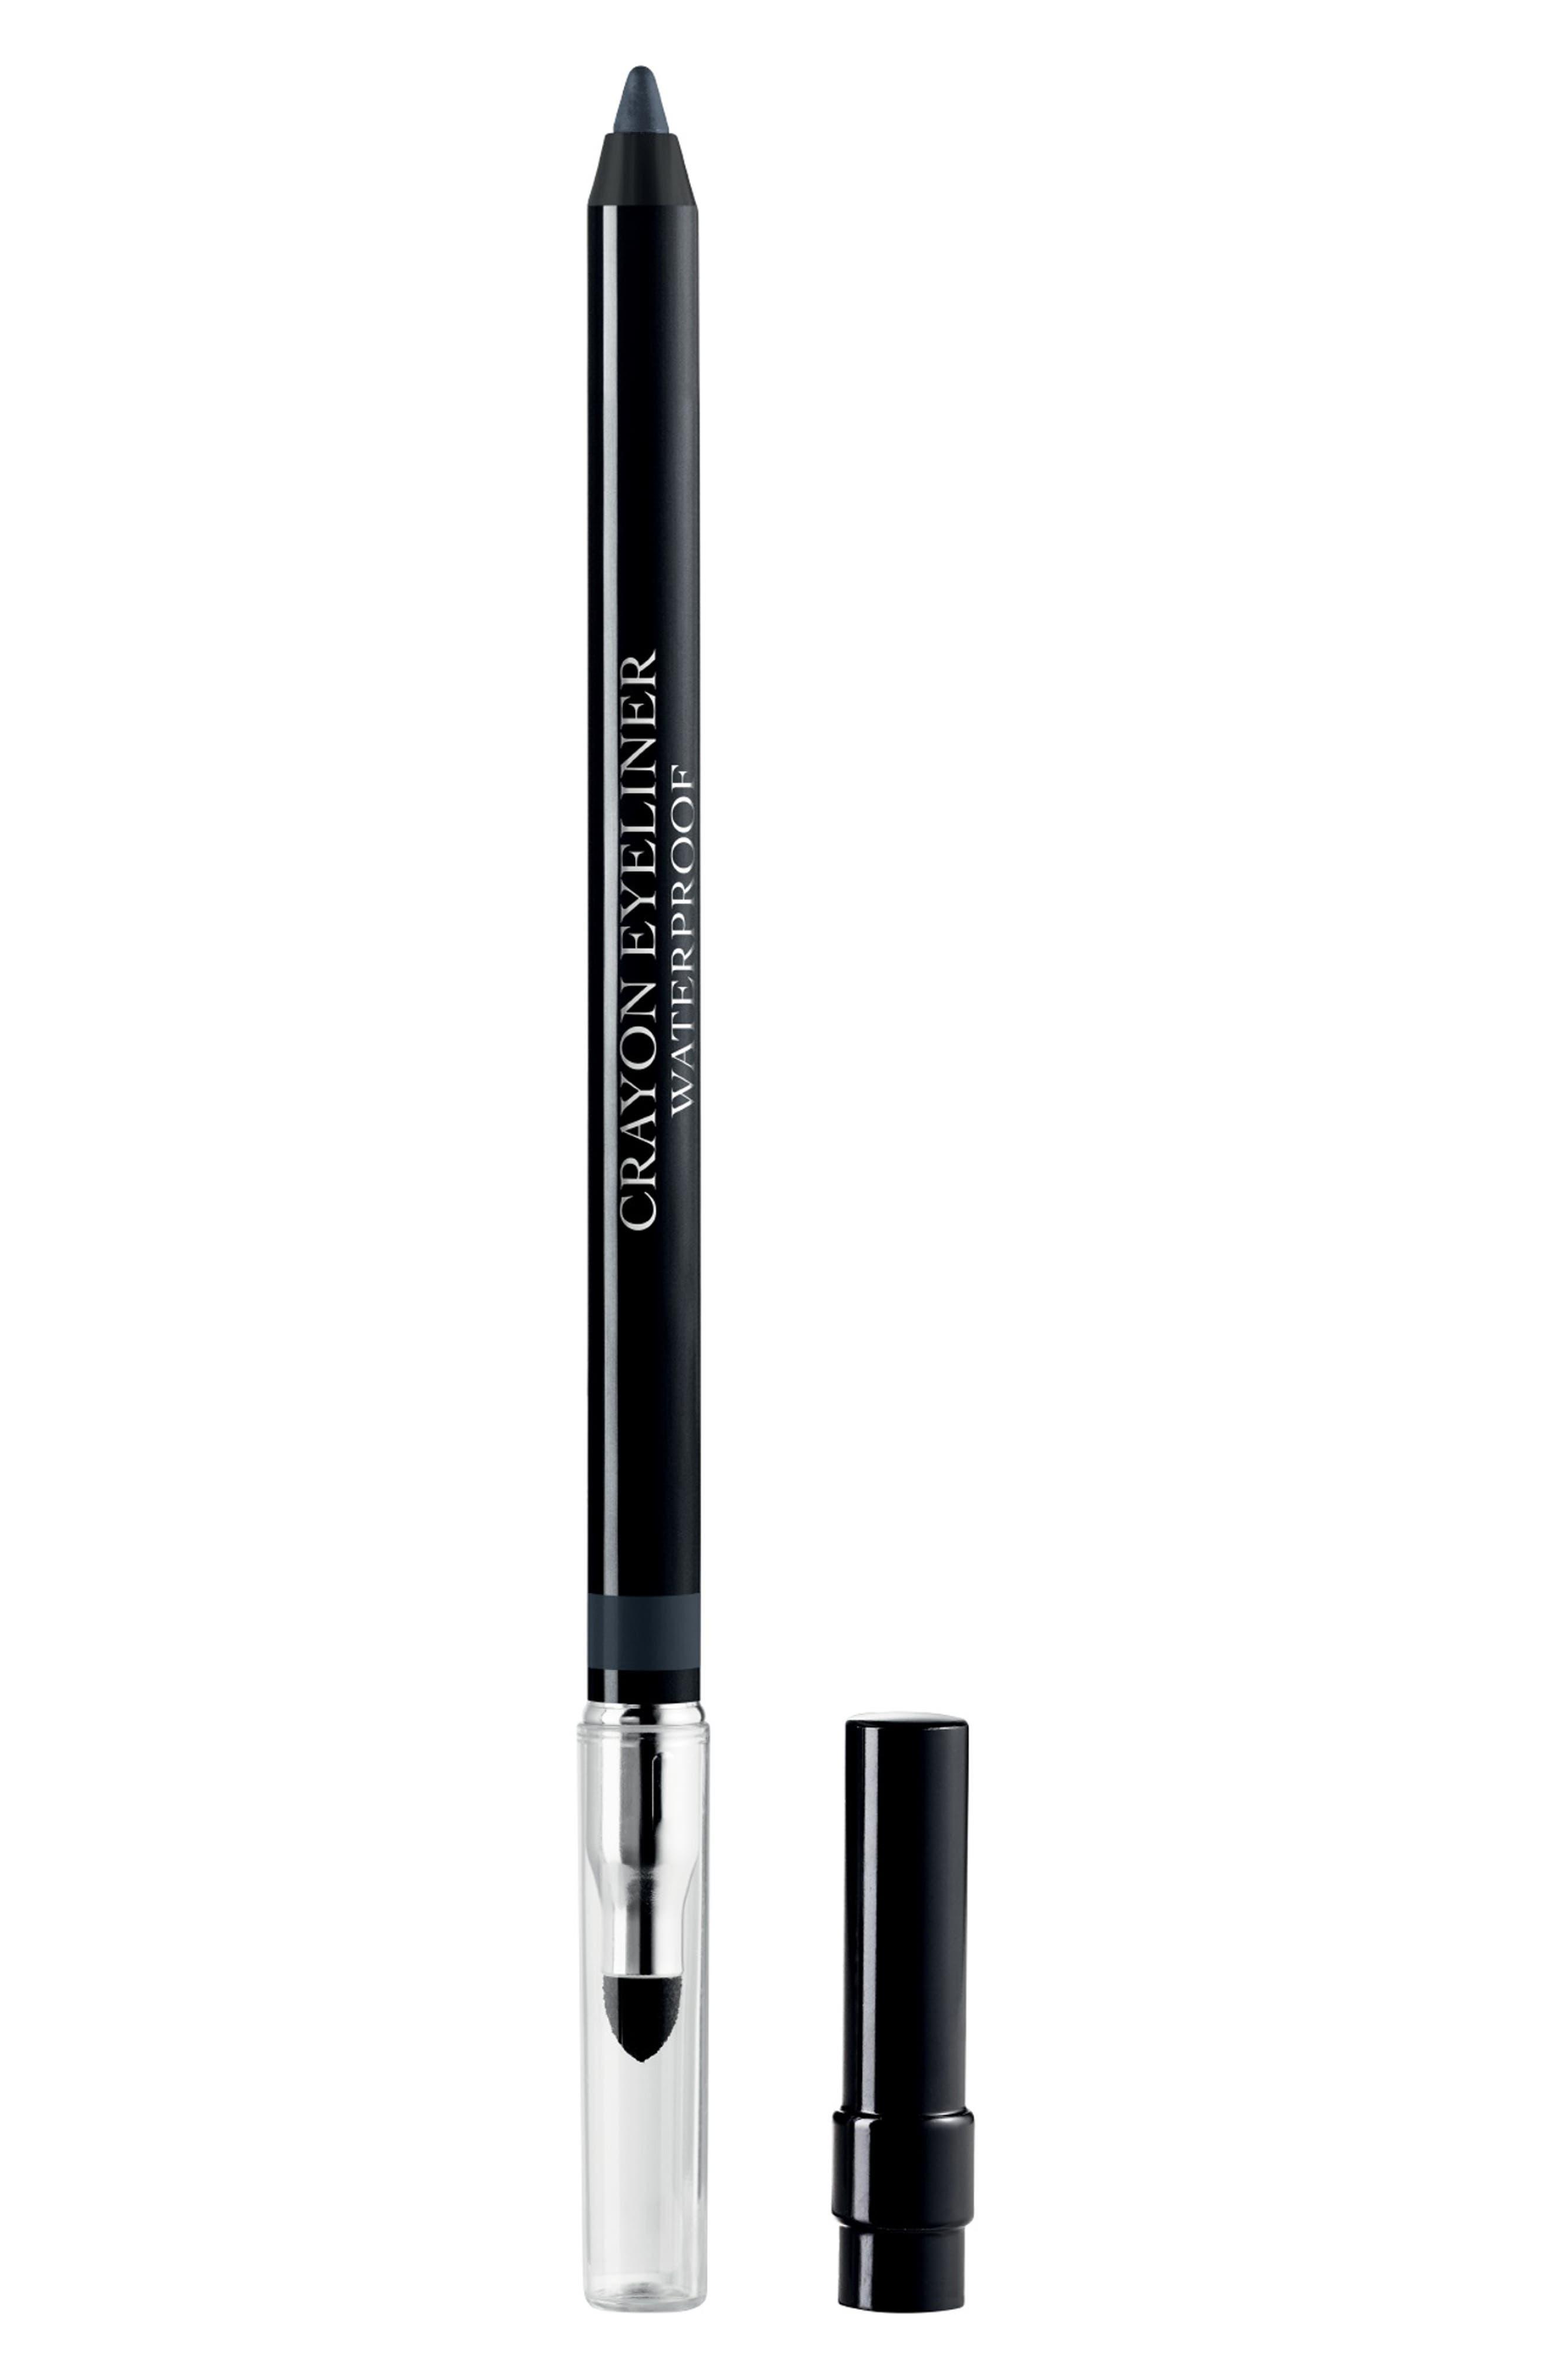 Dior Long-Wear Waterproof Eyeliner Pencil - 084 Deep Grey